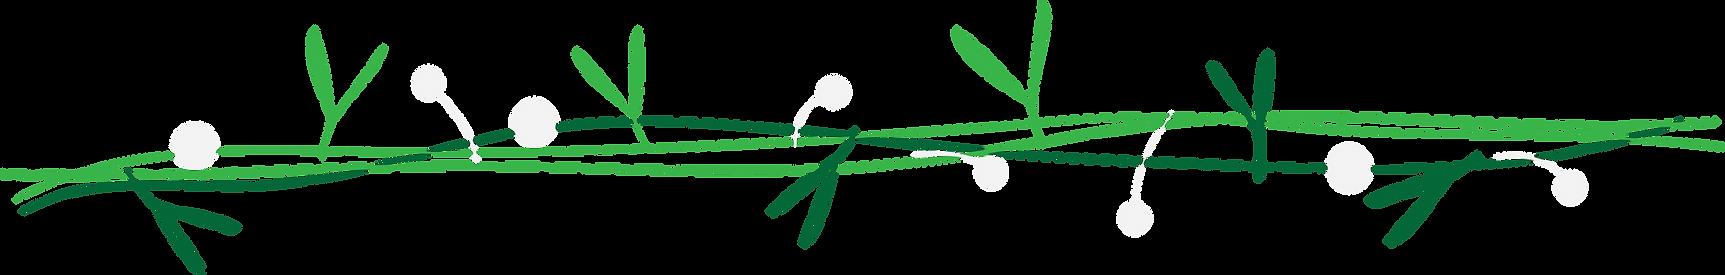 mistletoe-01.png